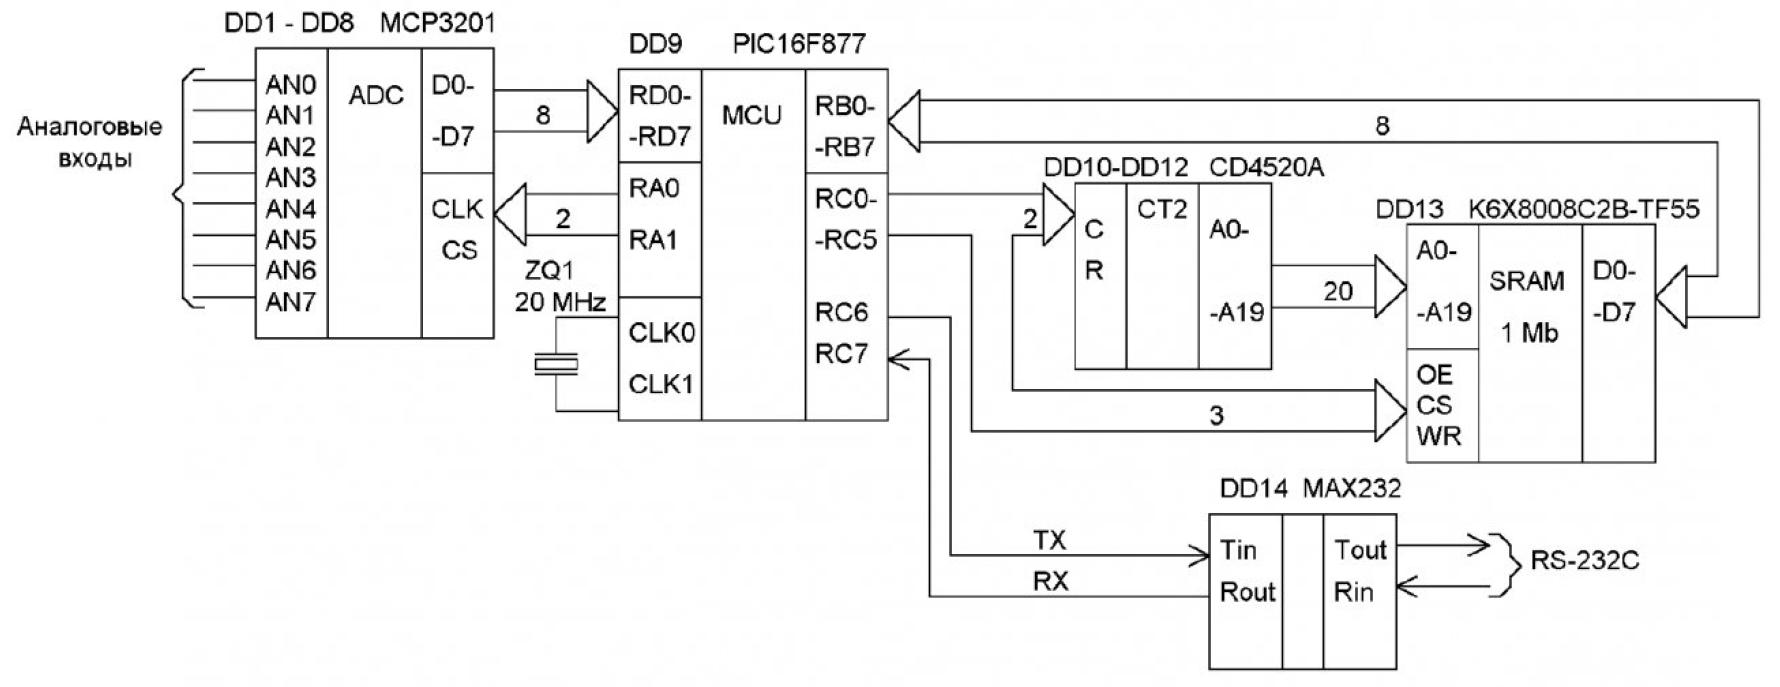 Разработка микропроцессорных устройств для первичной обработки информации с геофизических датчиков 4